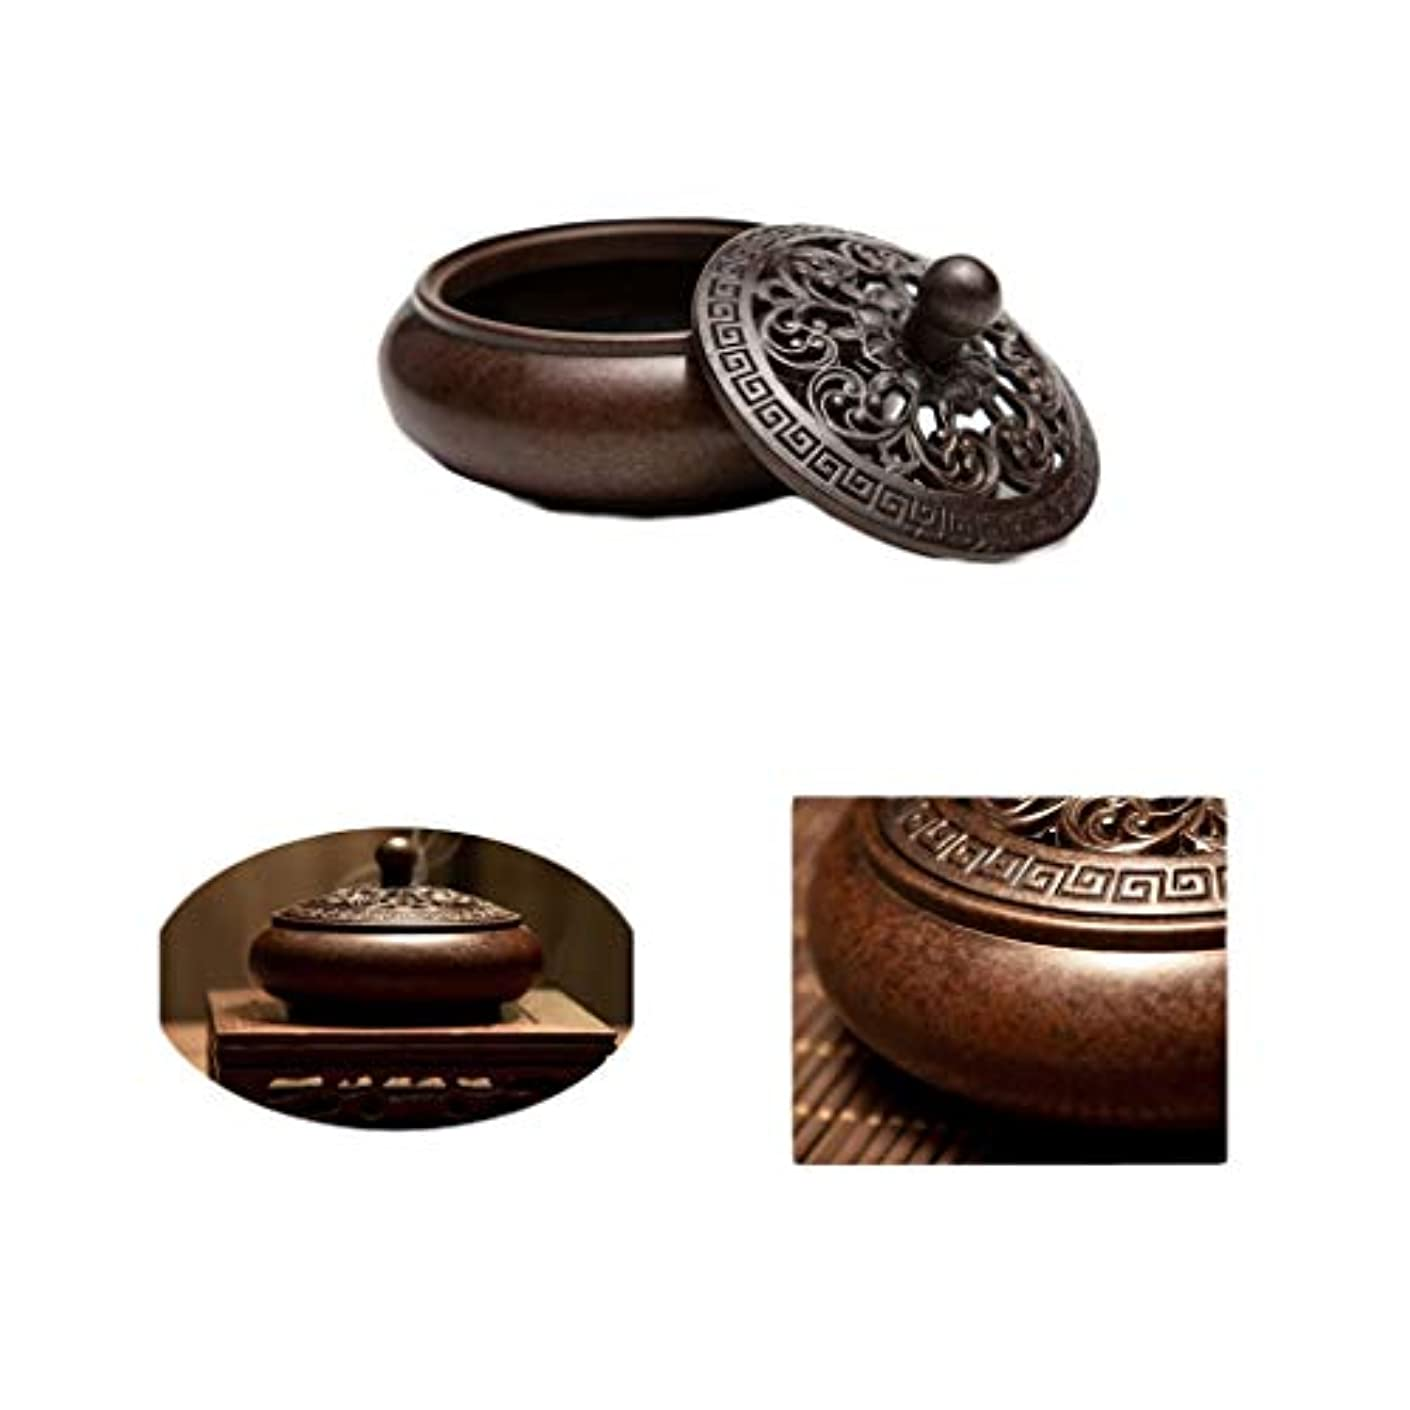 高潔なプレビューお別れホームアロマバーナー 純銅香炉アンティーク香炉吉祥香炉手作り香炉 アロマバーナー (Color : Brass)